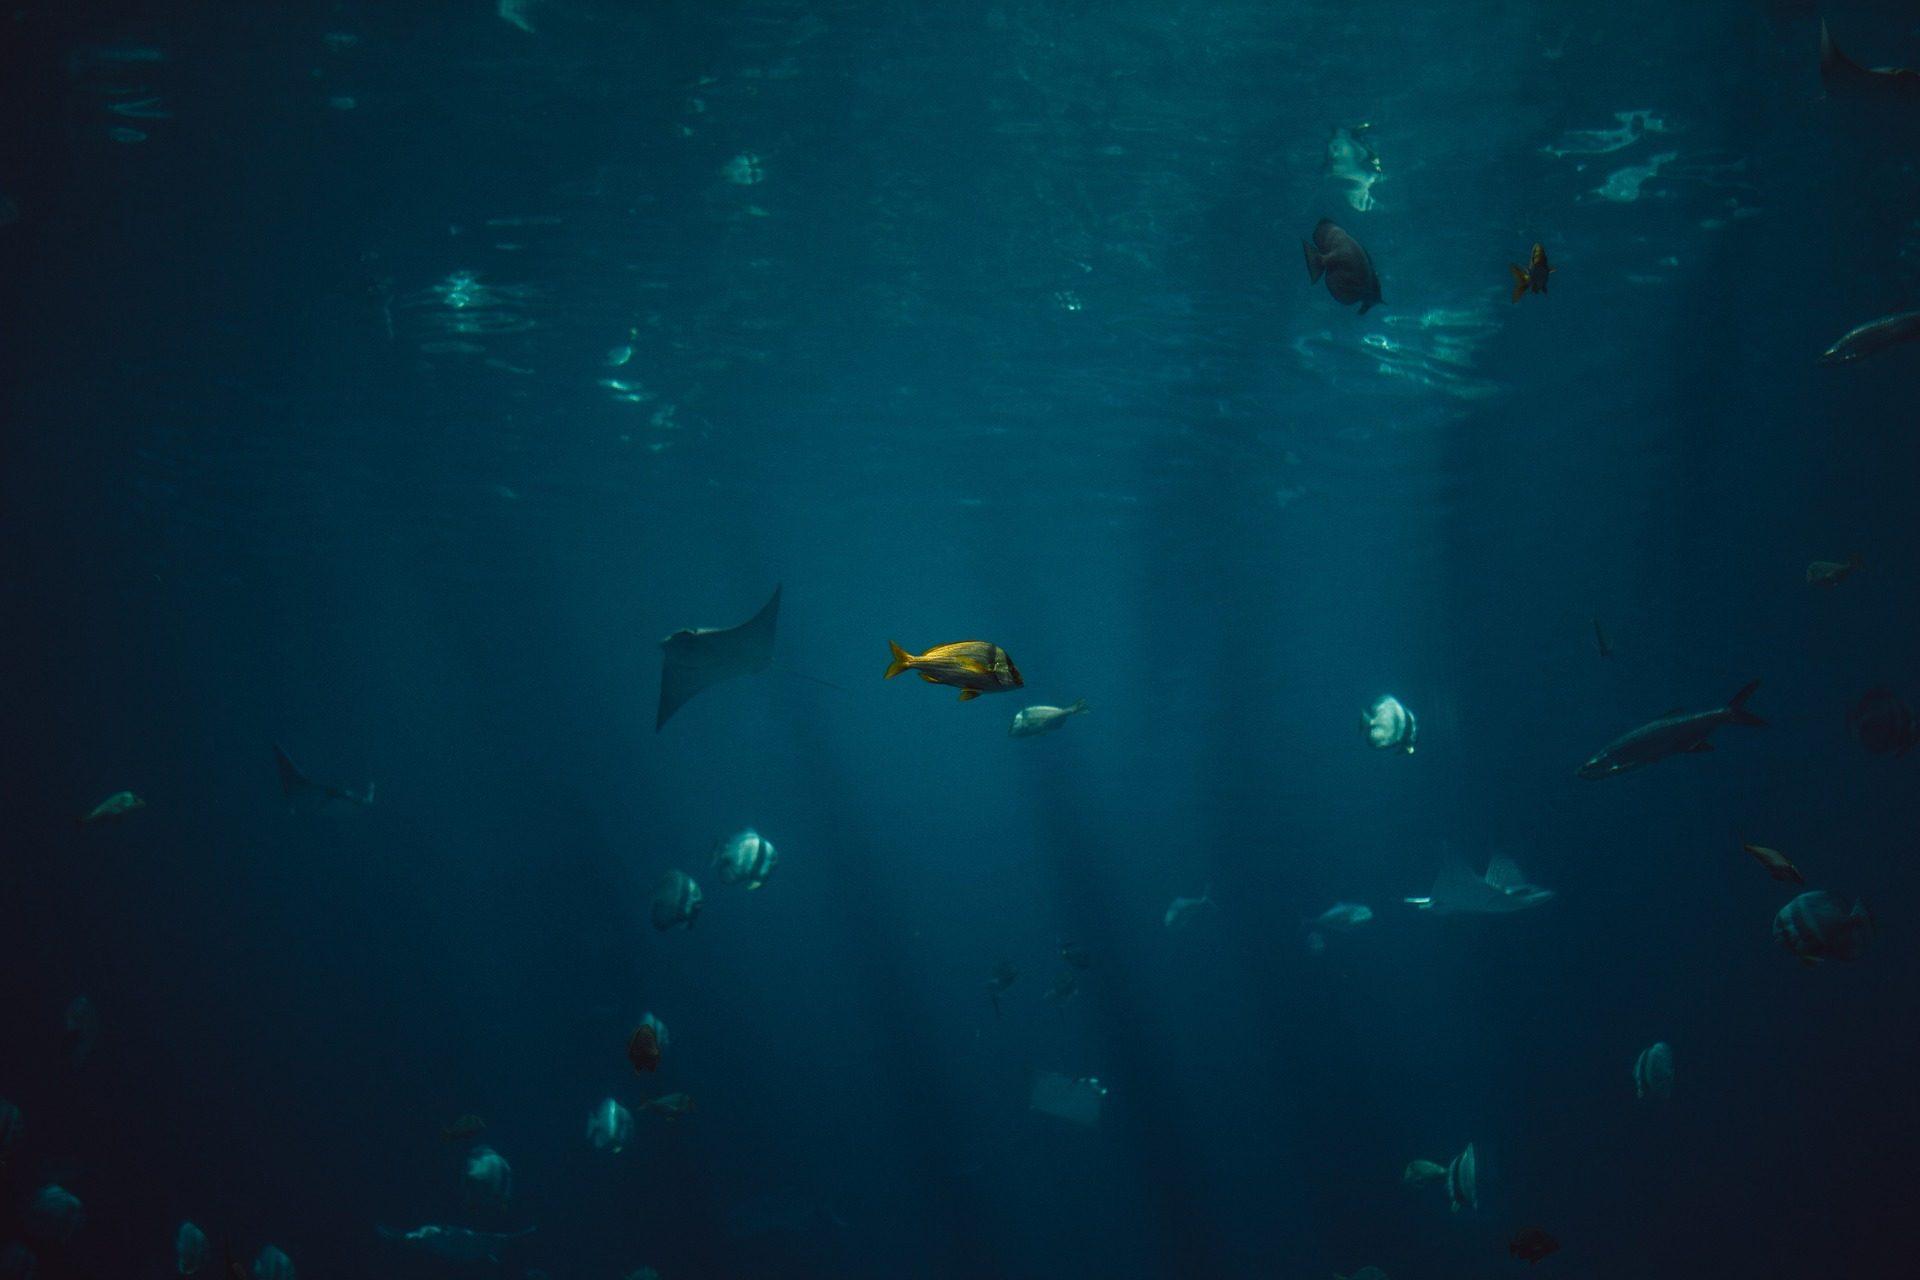 魚, océano, 海, 深さ, 水中 - HD の壁紙 - 教授-falken.com